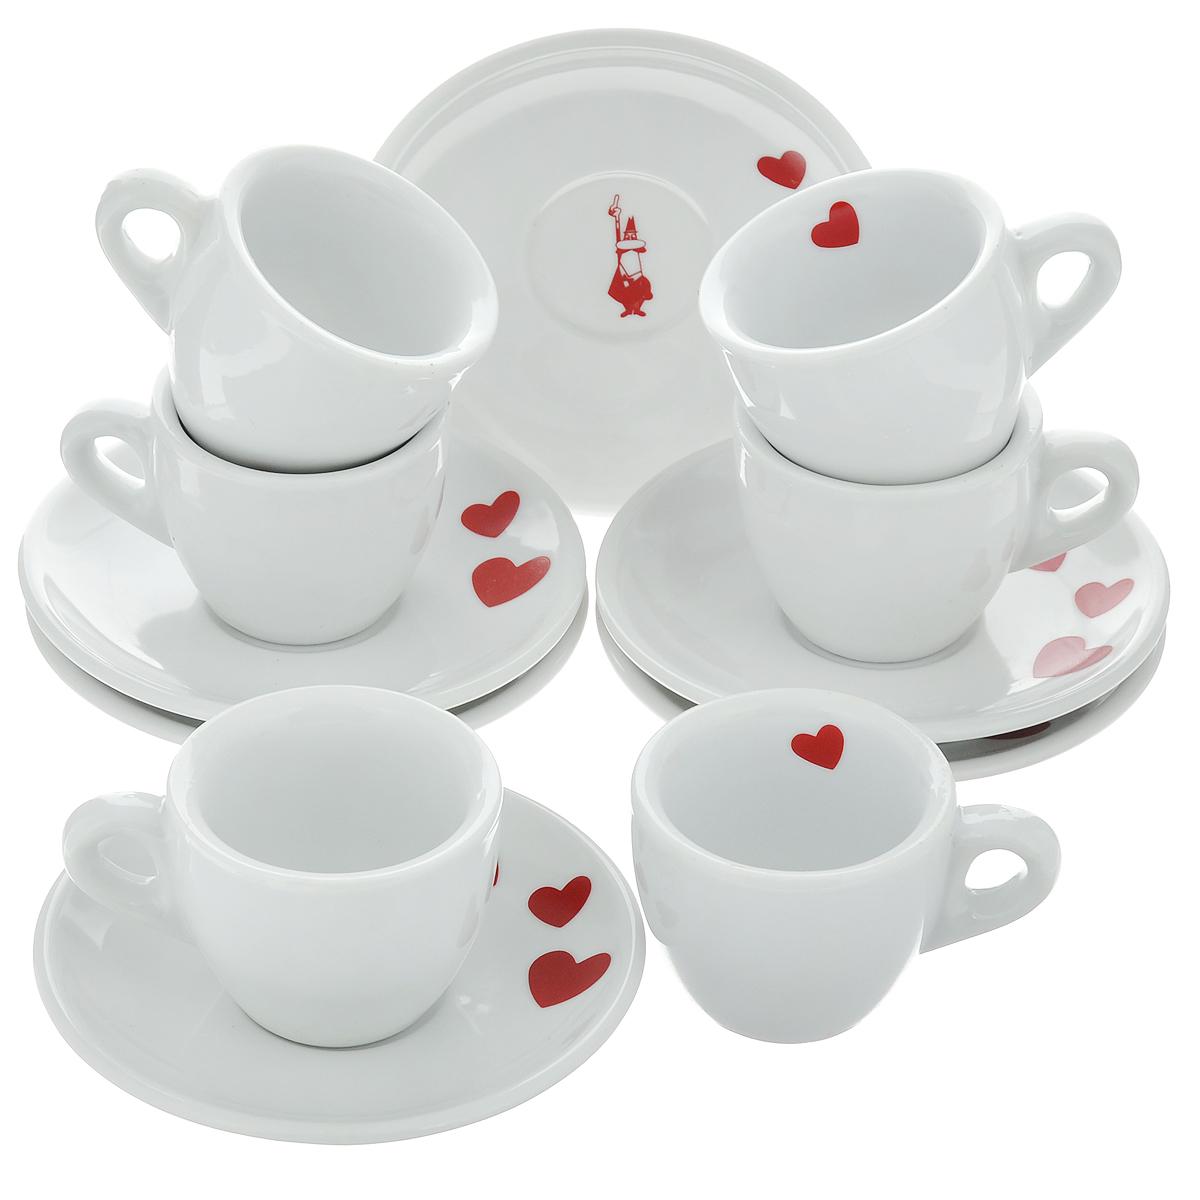 Набор чашек для кофе Bialetti, с блюдцами, цвет: белый, красный, 12 предметов115610Набор Bialetti состоит из 6 чашек для кофе и 6 блюдец, выполненных из высококачественной керамики. Материал изделий абсолютно безопасен для здоровья. Набор Bialetti оригинального дизайна позволит насладиться вашими любимыми напитками. Прекрасный подарок для друзей и близких. Можно мыть в посудомоечной машине. Объем чашки: 60 мл. Диаметр (по верхнему краю): 6 см. Высота чашки: 5 см.